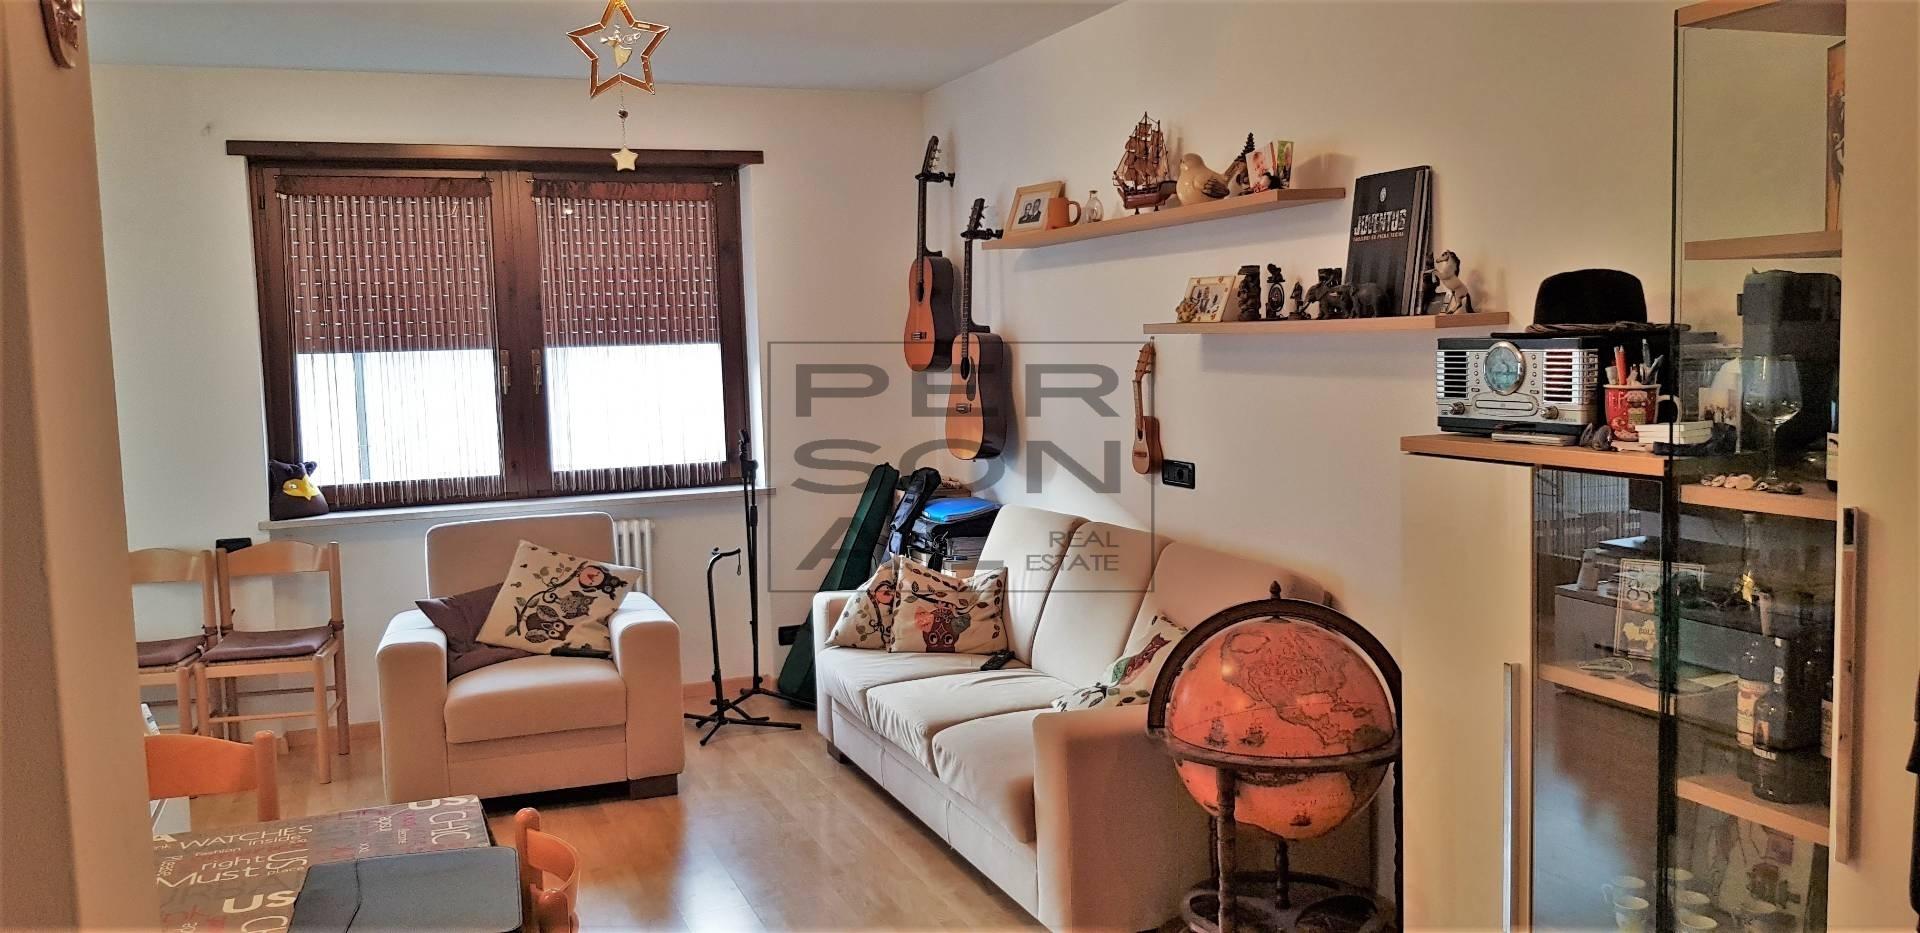 Appartamento in vendita a Egna, 3 locali, prezzo € 265.000 | CambioCasa.it